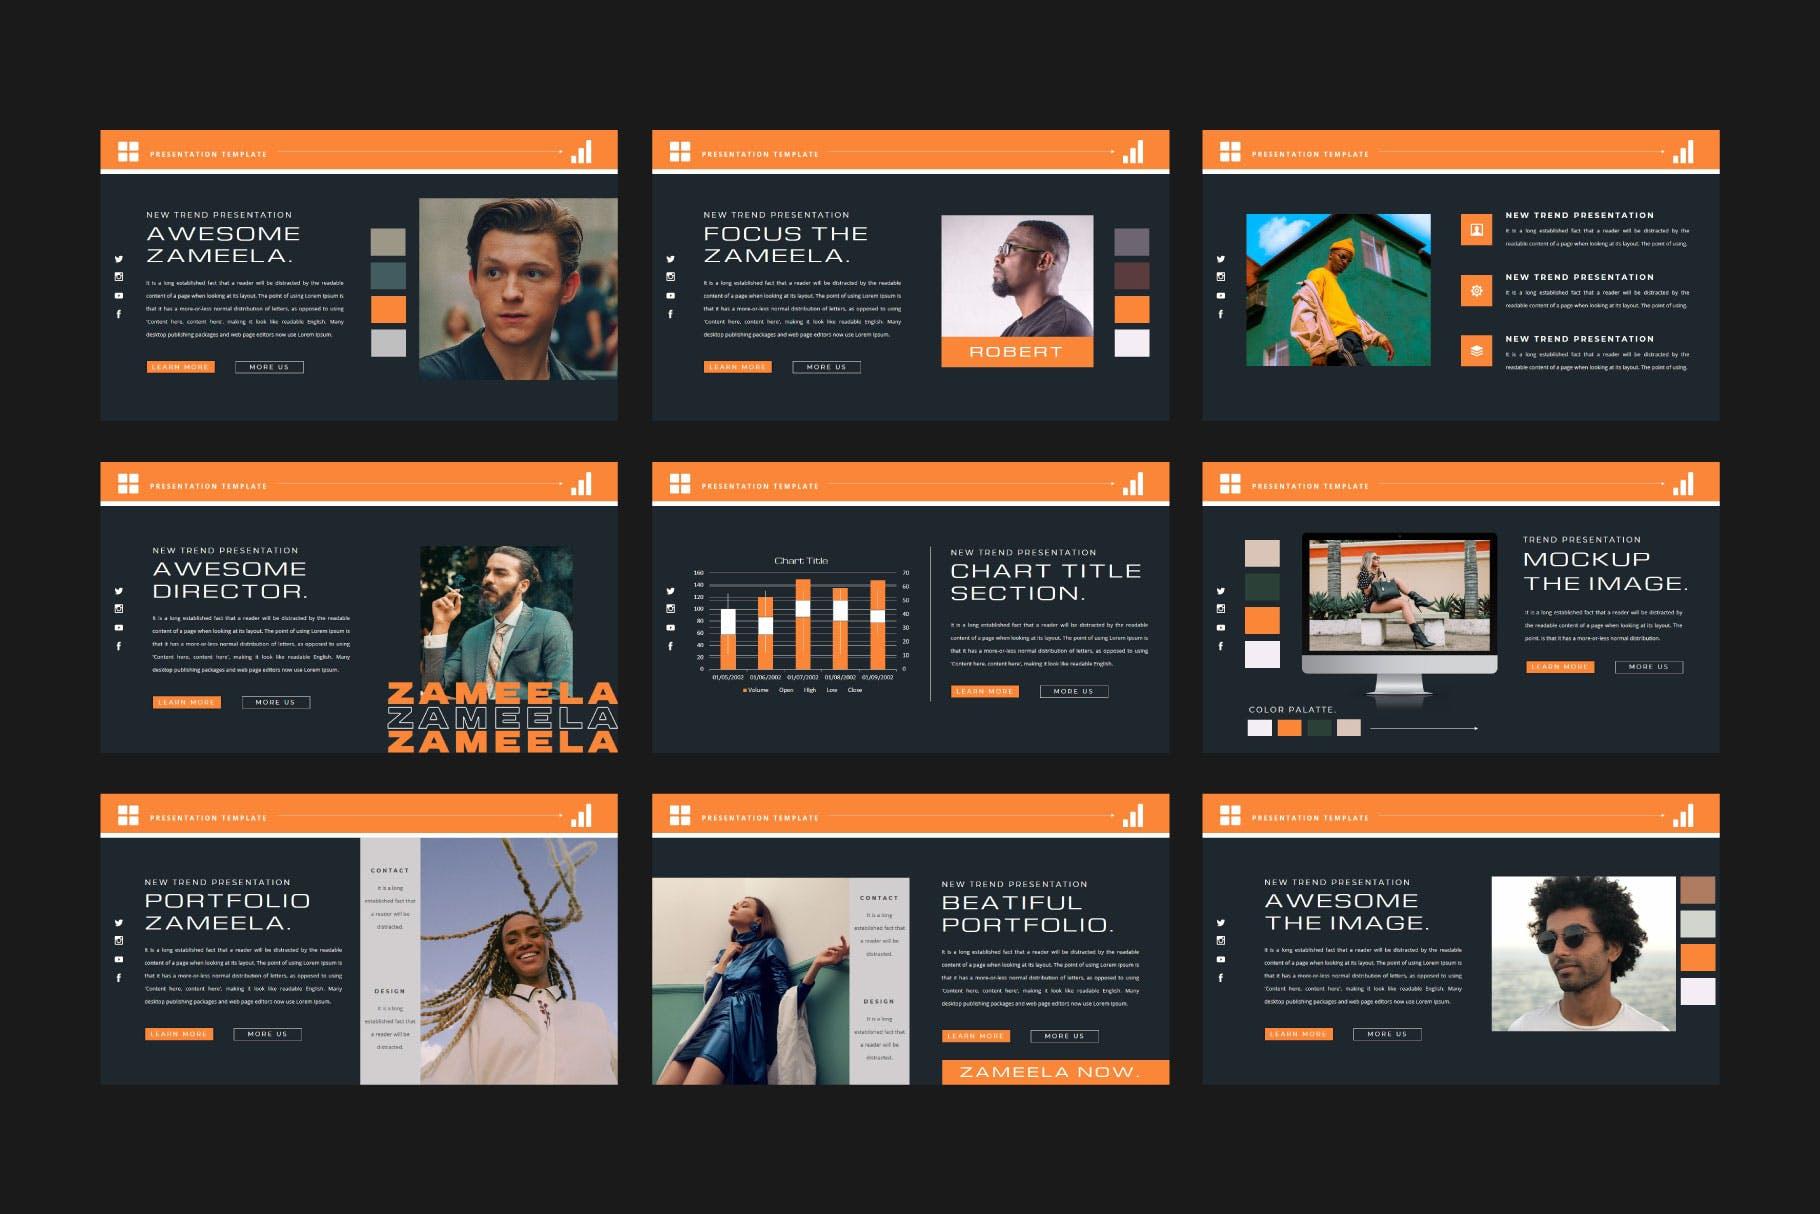 潮流品牌服装摄影作品集演示文稿设计模板 ZAMEELA Powerpoint Template插图8